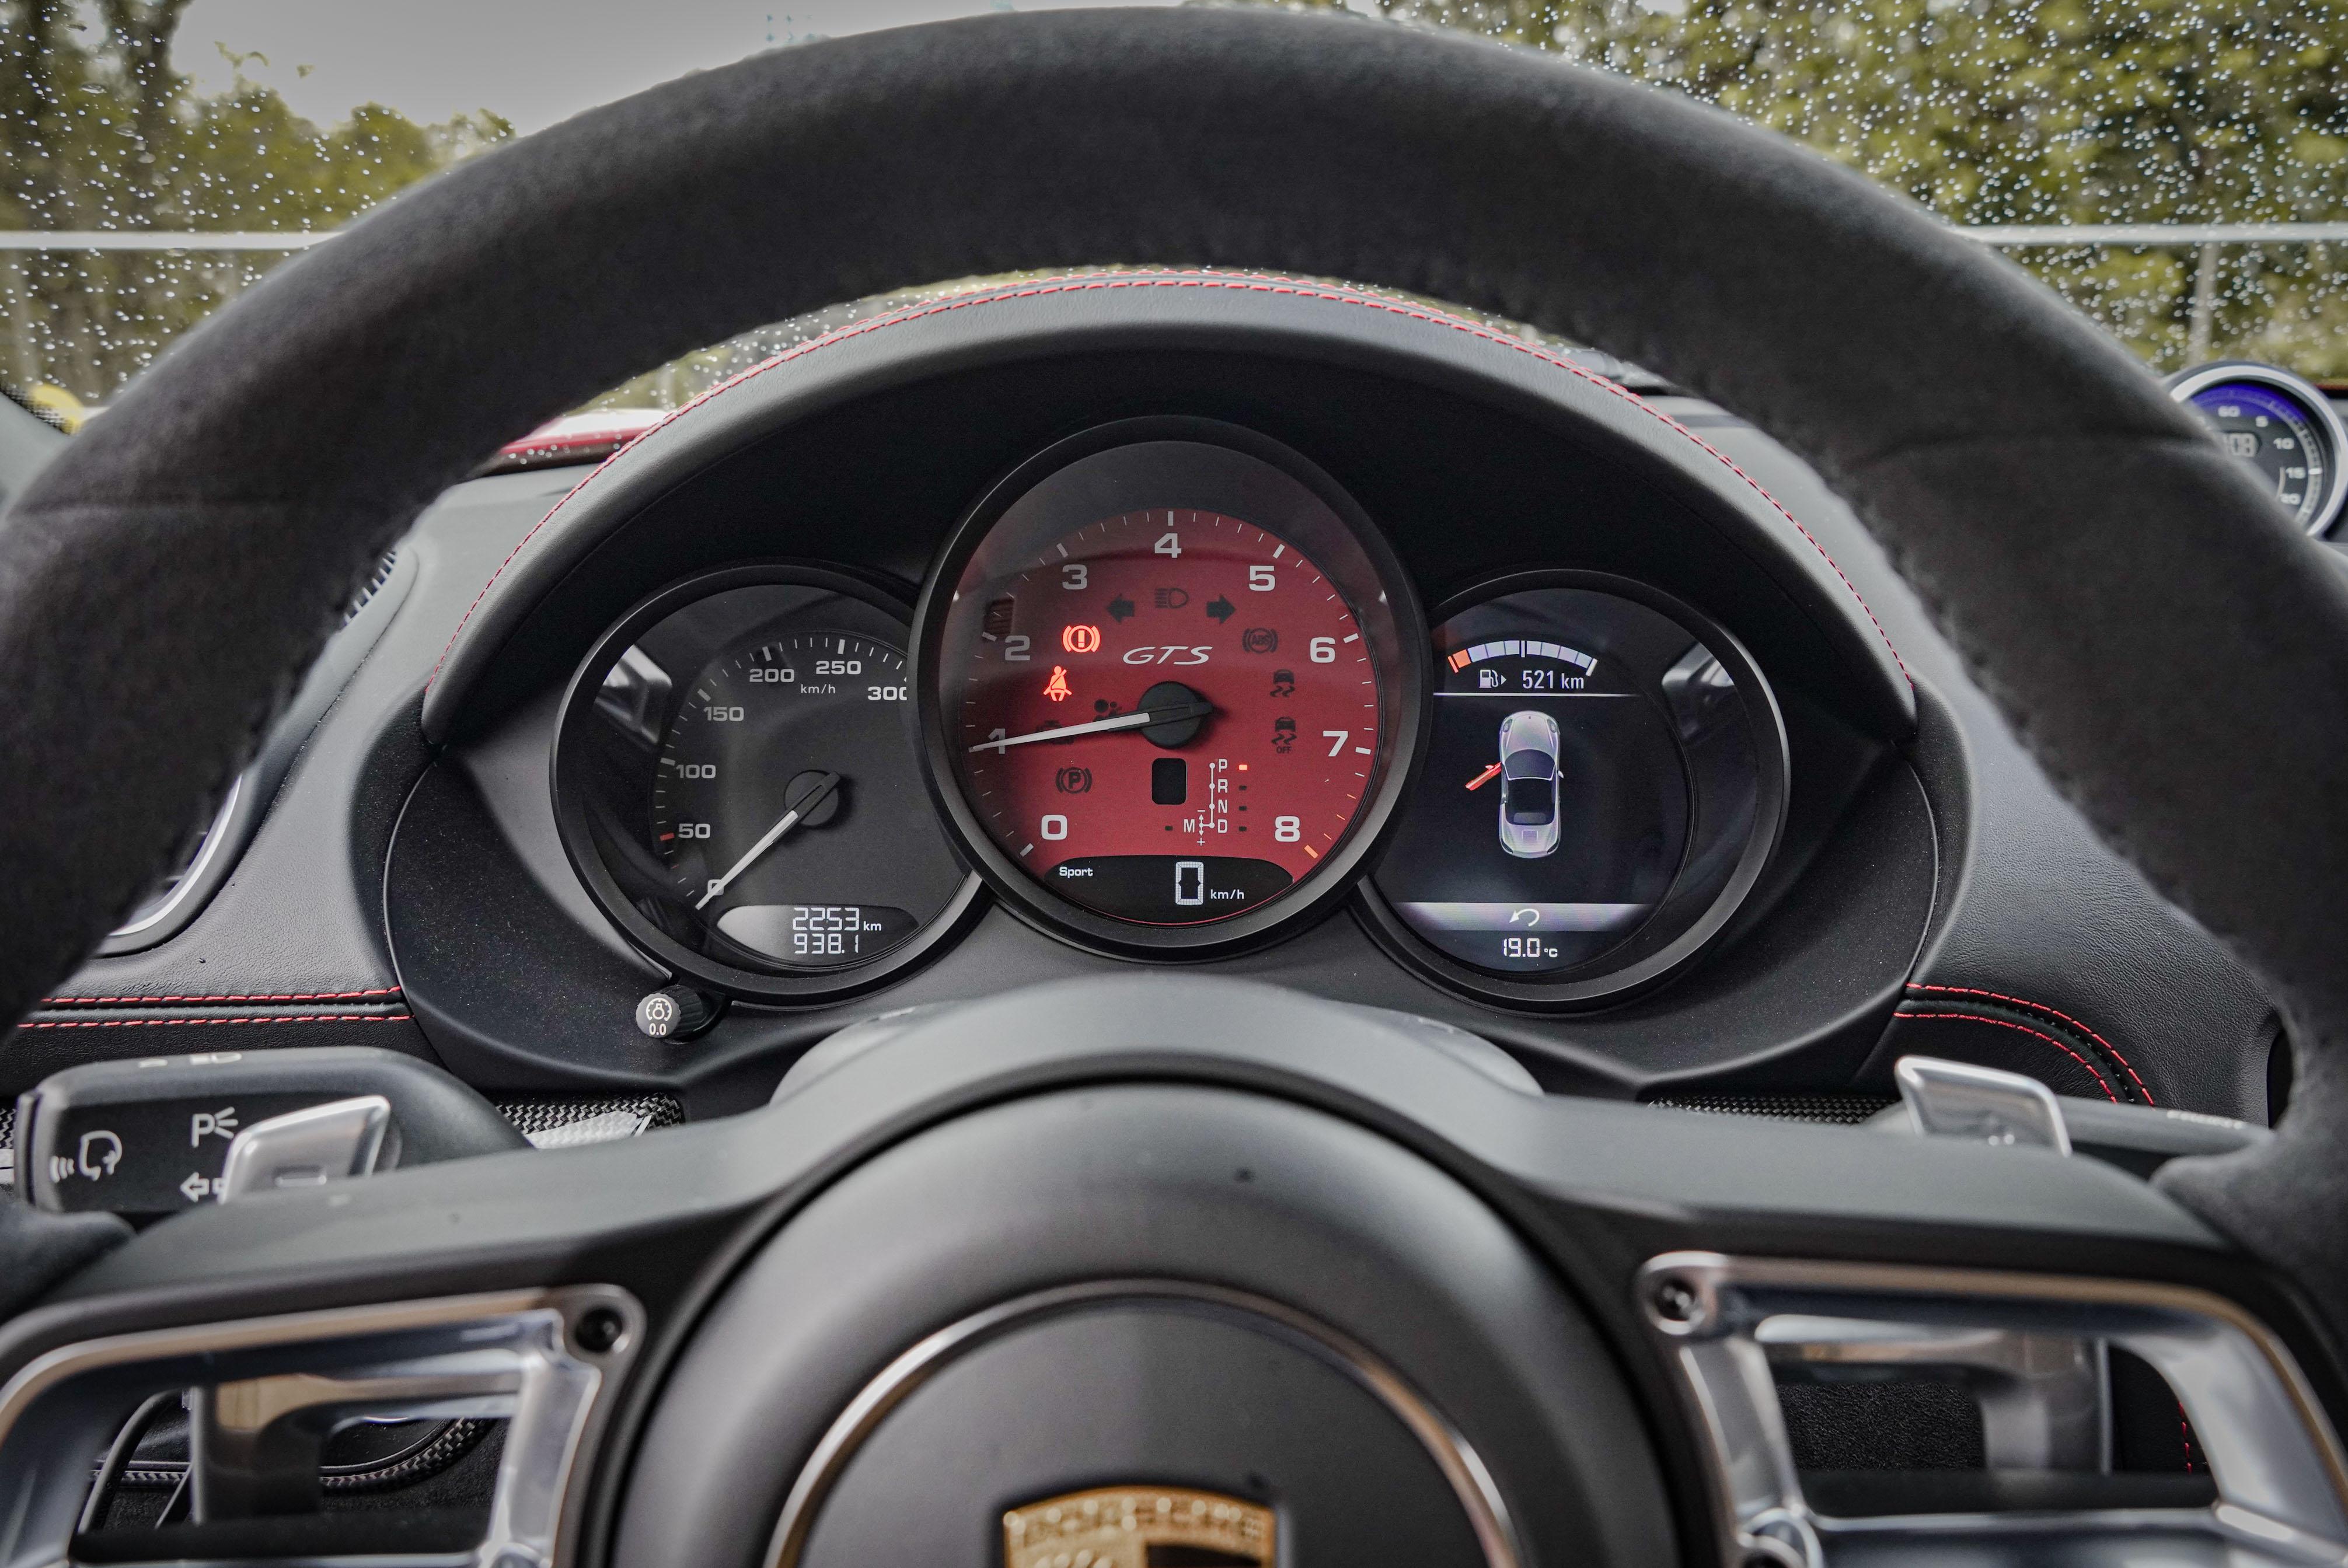 三環式儀表板將轉速表置於中央,右側液晶螢幕可查看車輛資訊。